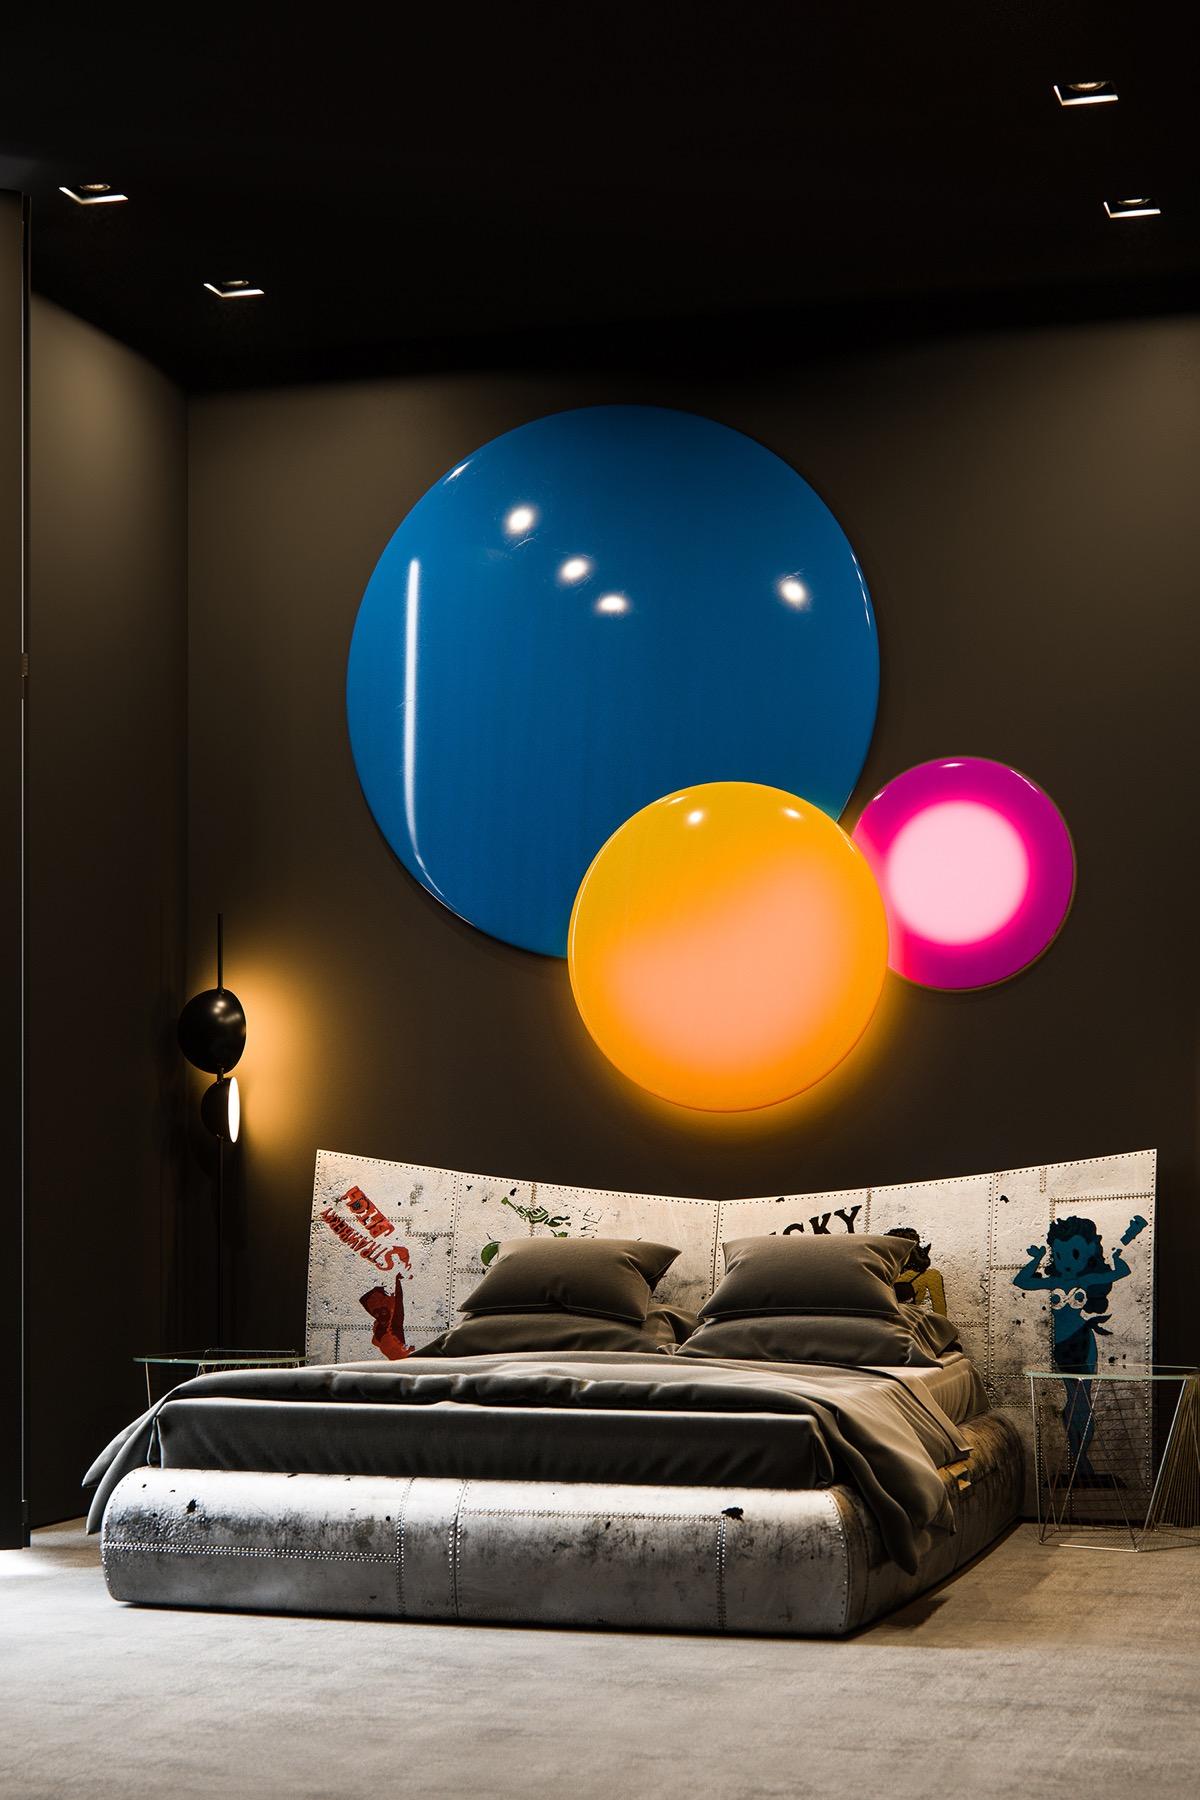 Bật mí những cách trang trí phòng ngủ 'cực chill' mà bạn nên thử - Ảnh 30.